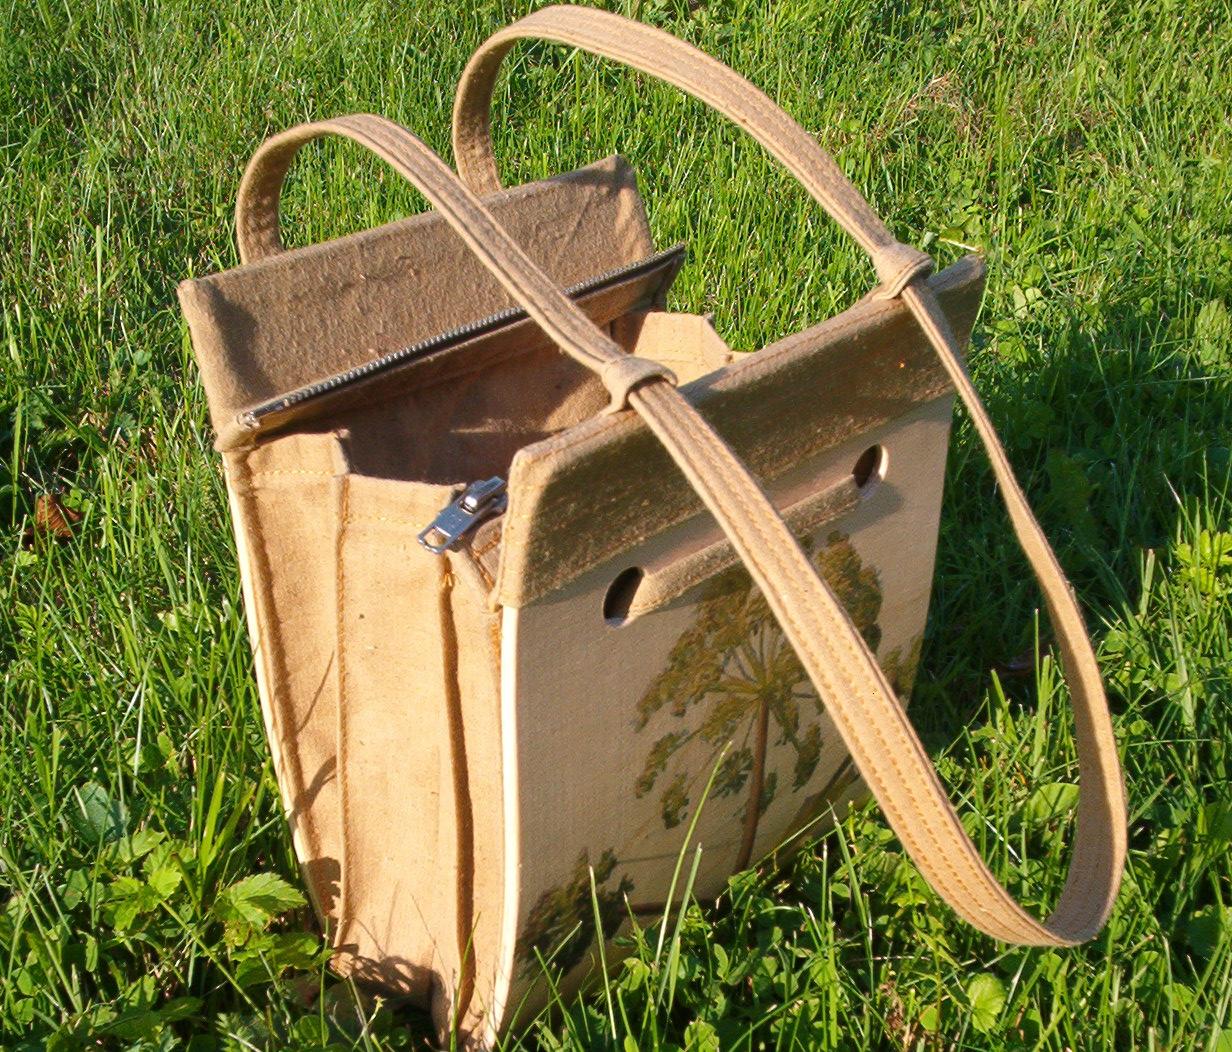 suurem puidust kott tammepuu pildiga muru peal